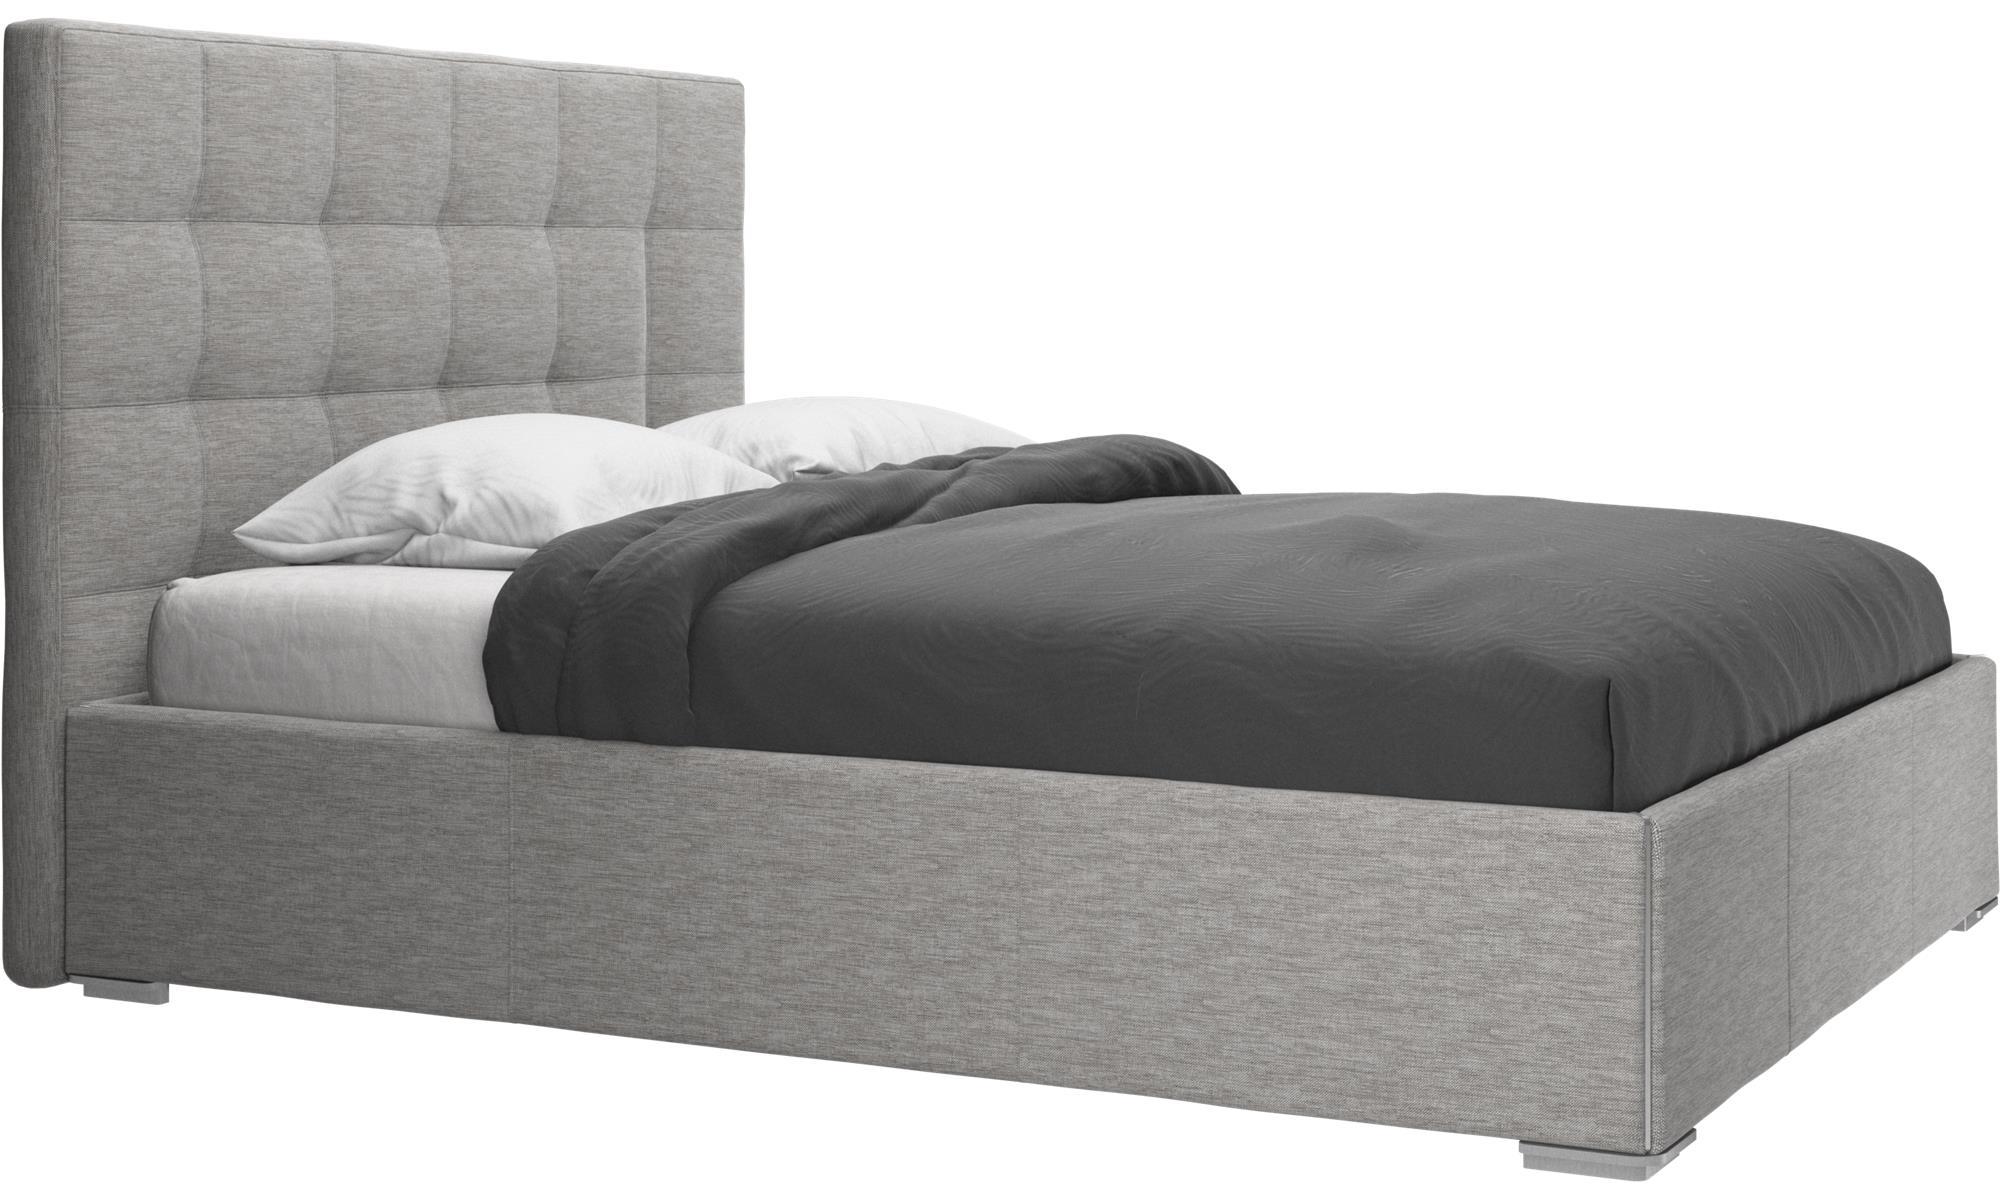 Camas - cama con canapé Mezzo, estructura elevable y tablado, no incluye colchón - En gris - Tela